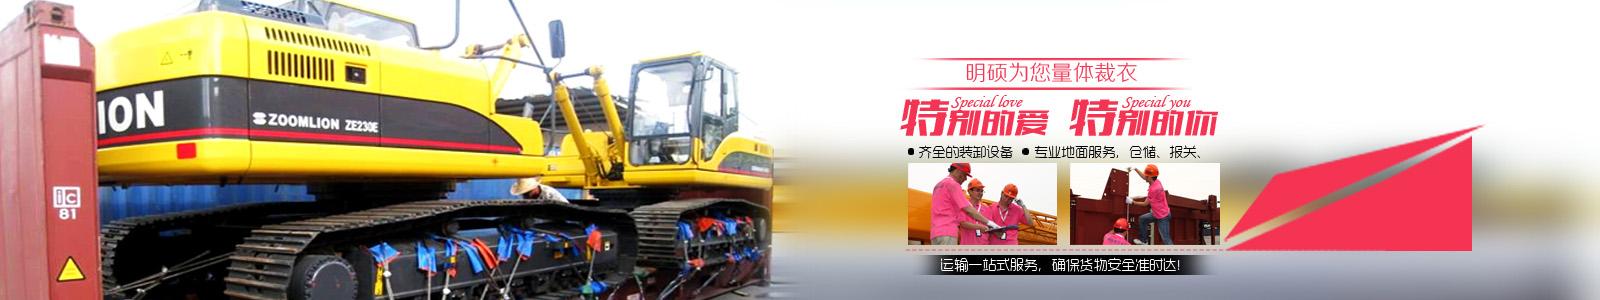 专业制定中国涉外工程项目物流解决方案